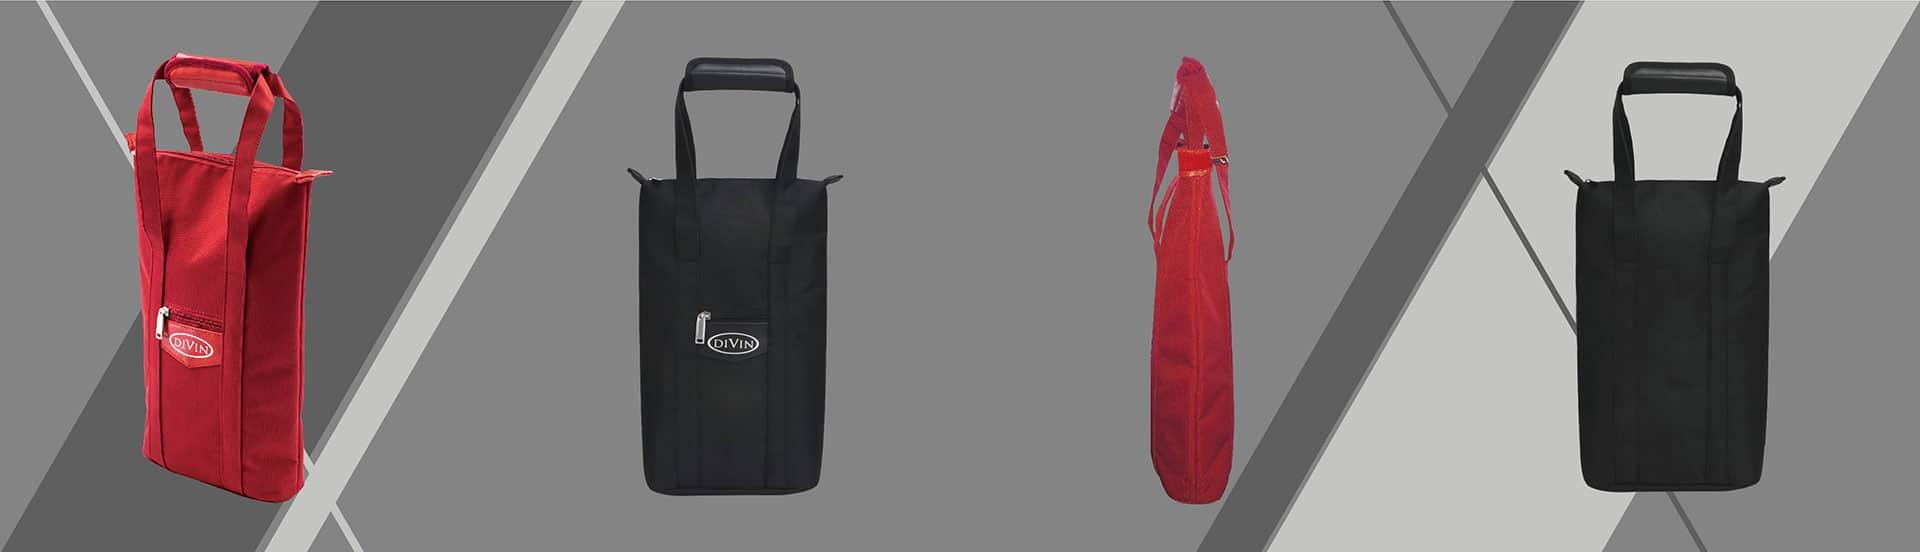 紅色酒袋各角度展示